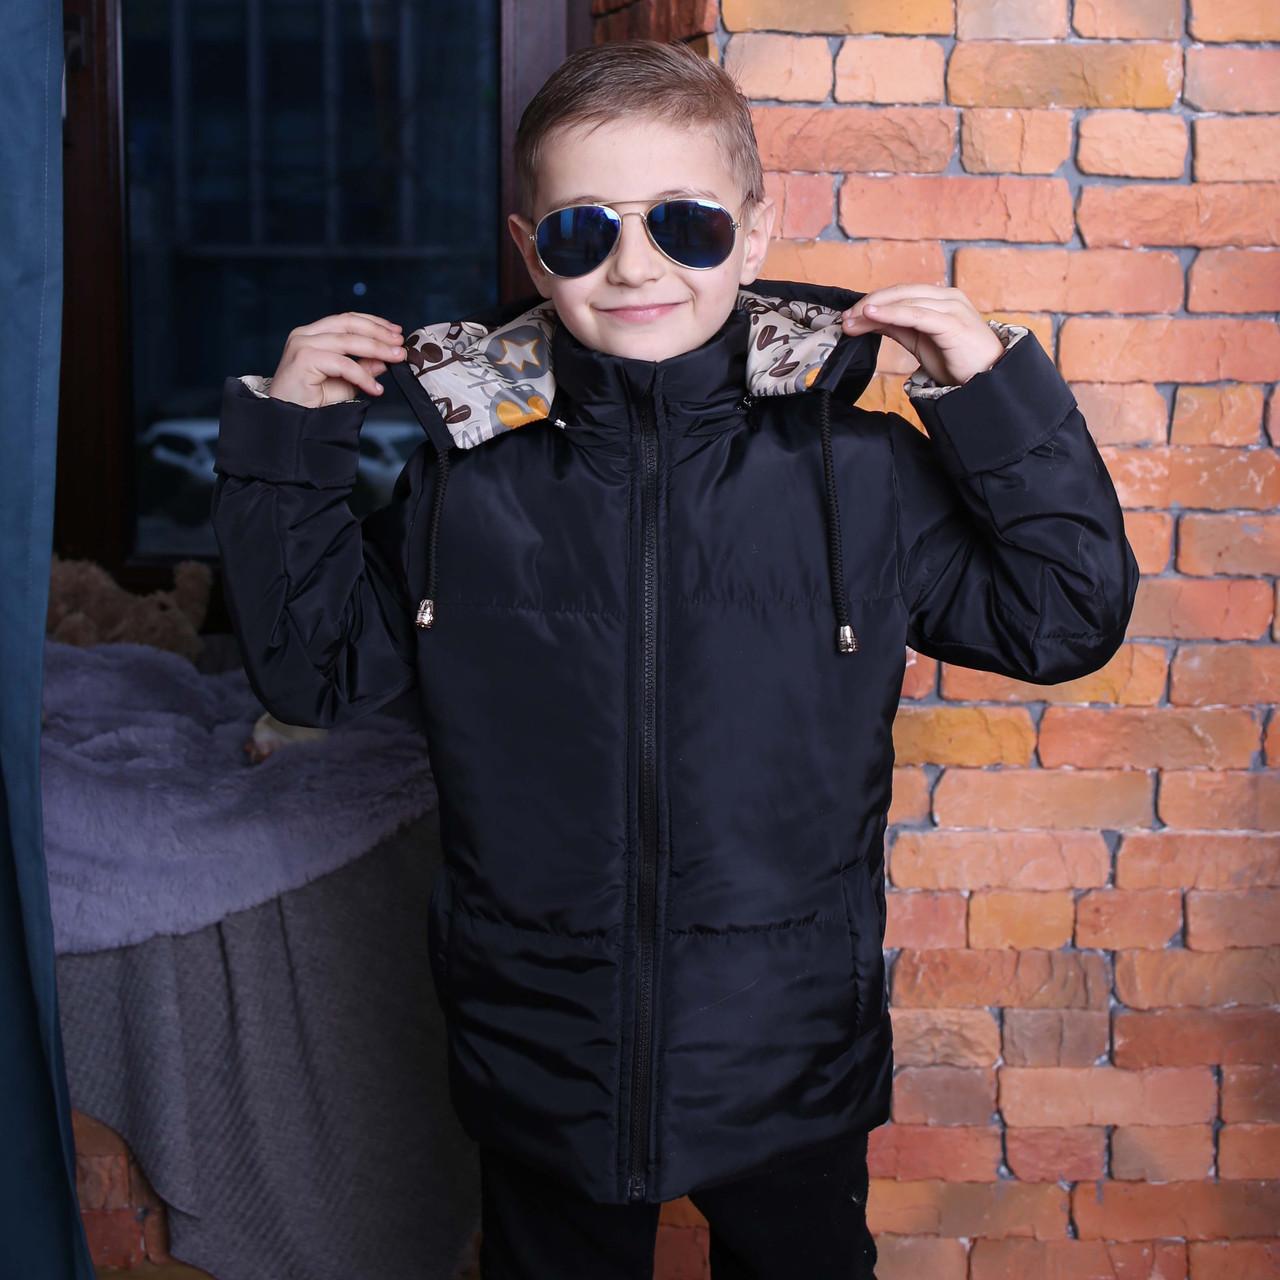 Подарок – сумка Куртка для мальчика с капюшоном Куртка на мальчика Новинка 2019 Топ продаж